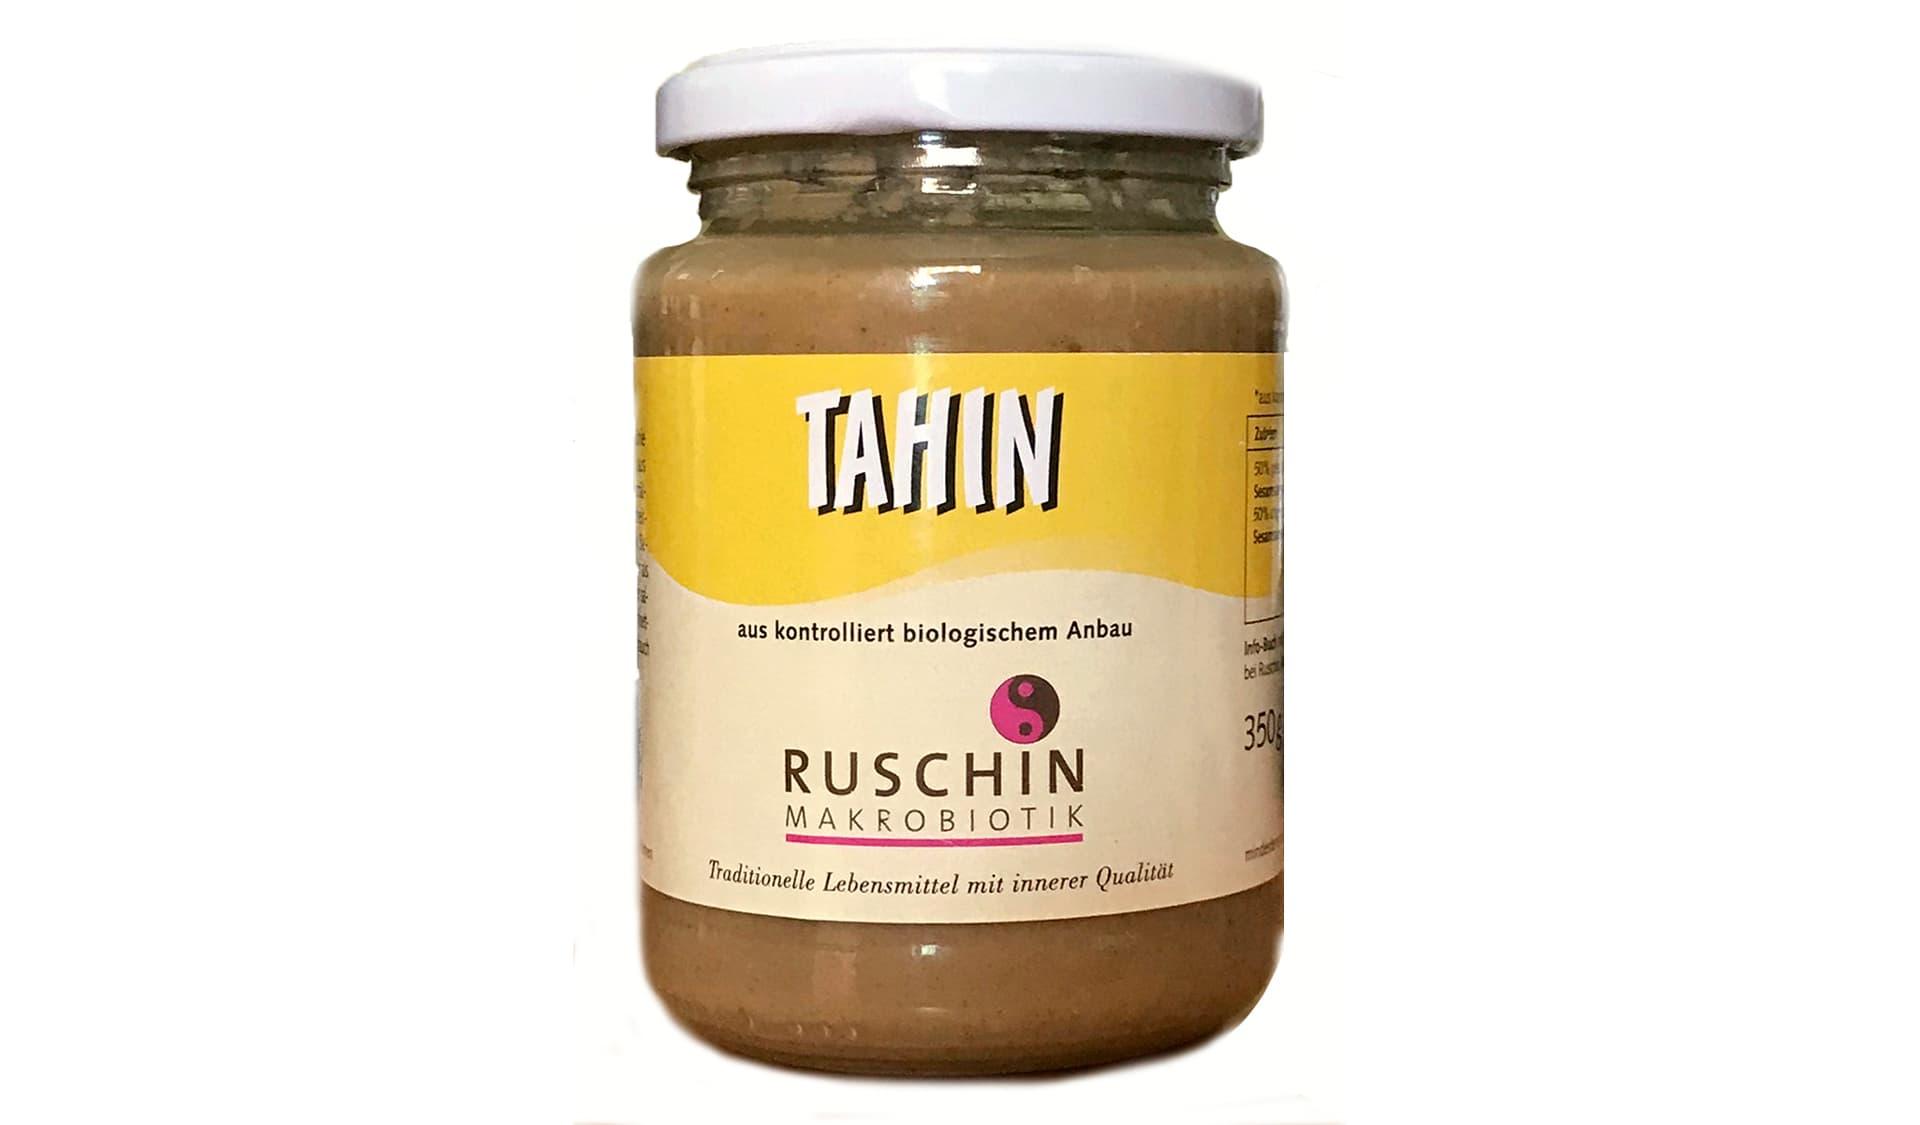 Ruschin Tahin (www.ruschin-makrobiotik.eu)